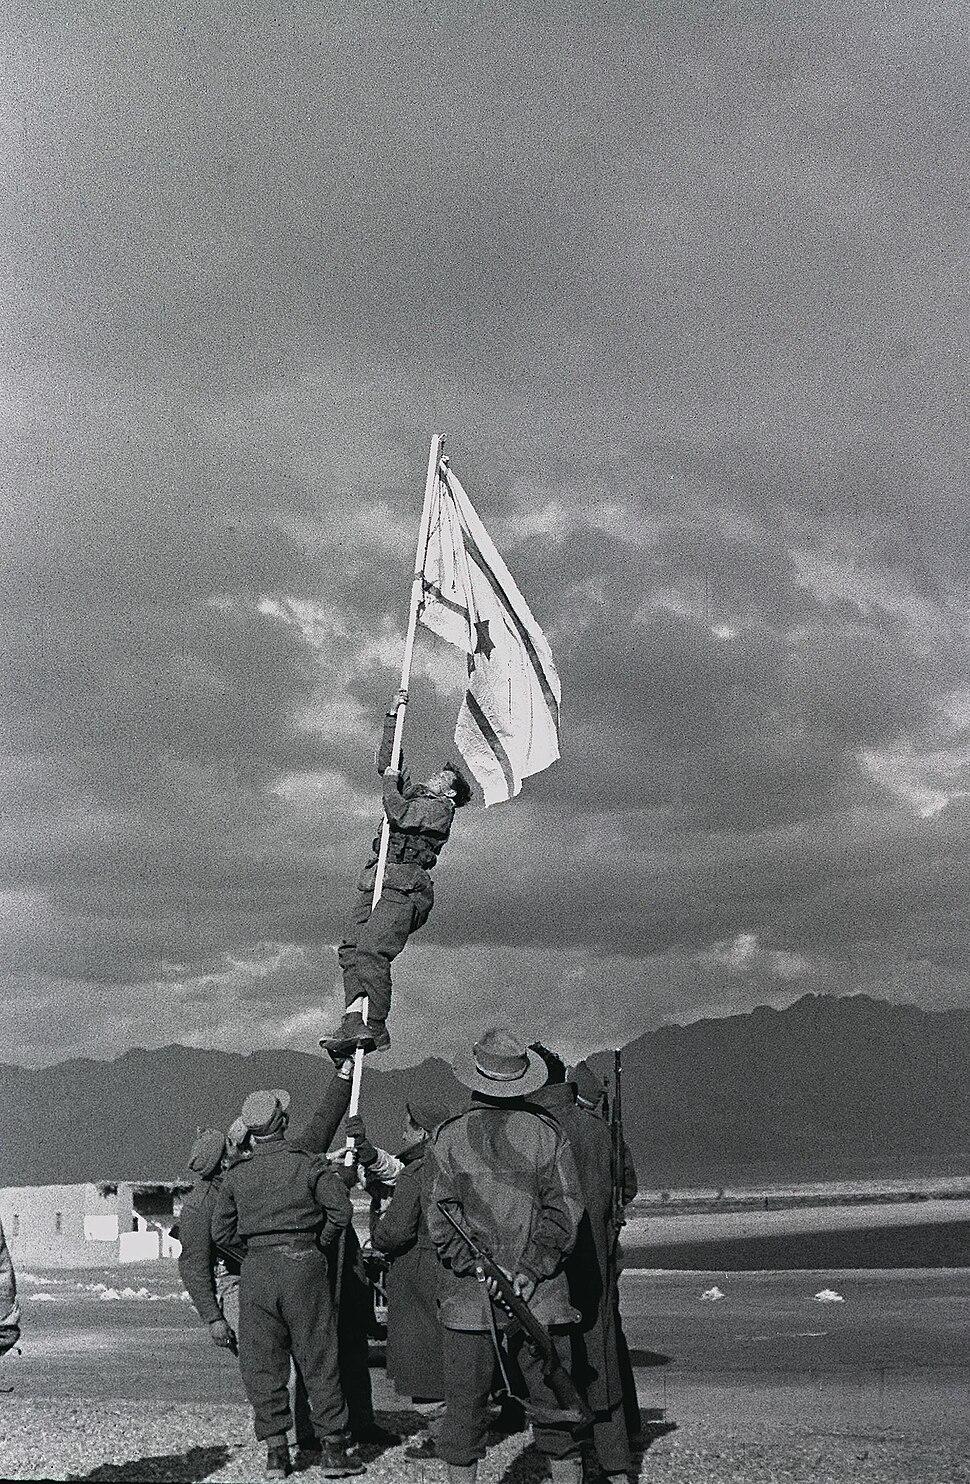 הנפת דגל הדיו באילת מסמנת בתודעה הציבורית את סיום המלחמה